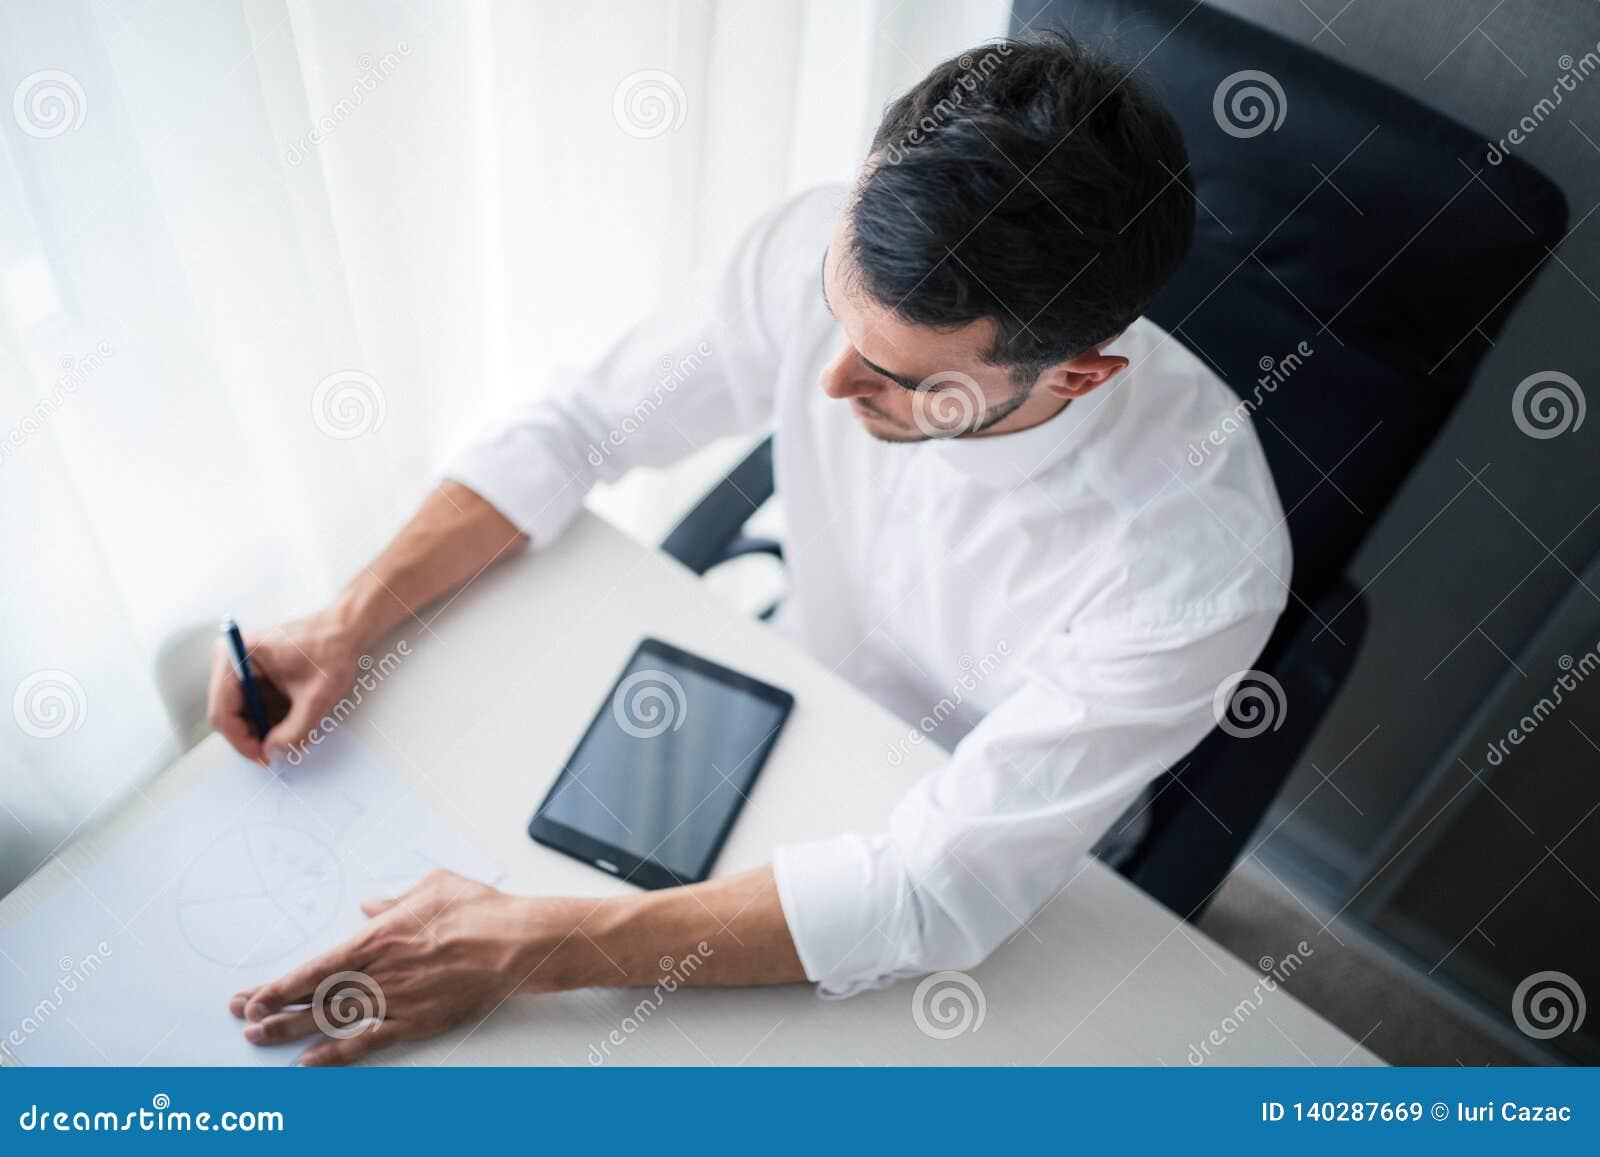 Взгляд сверху бизнесмена работая на приборе, устройства в офисе, сидя на стуле смотря спуск и запись